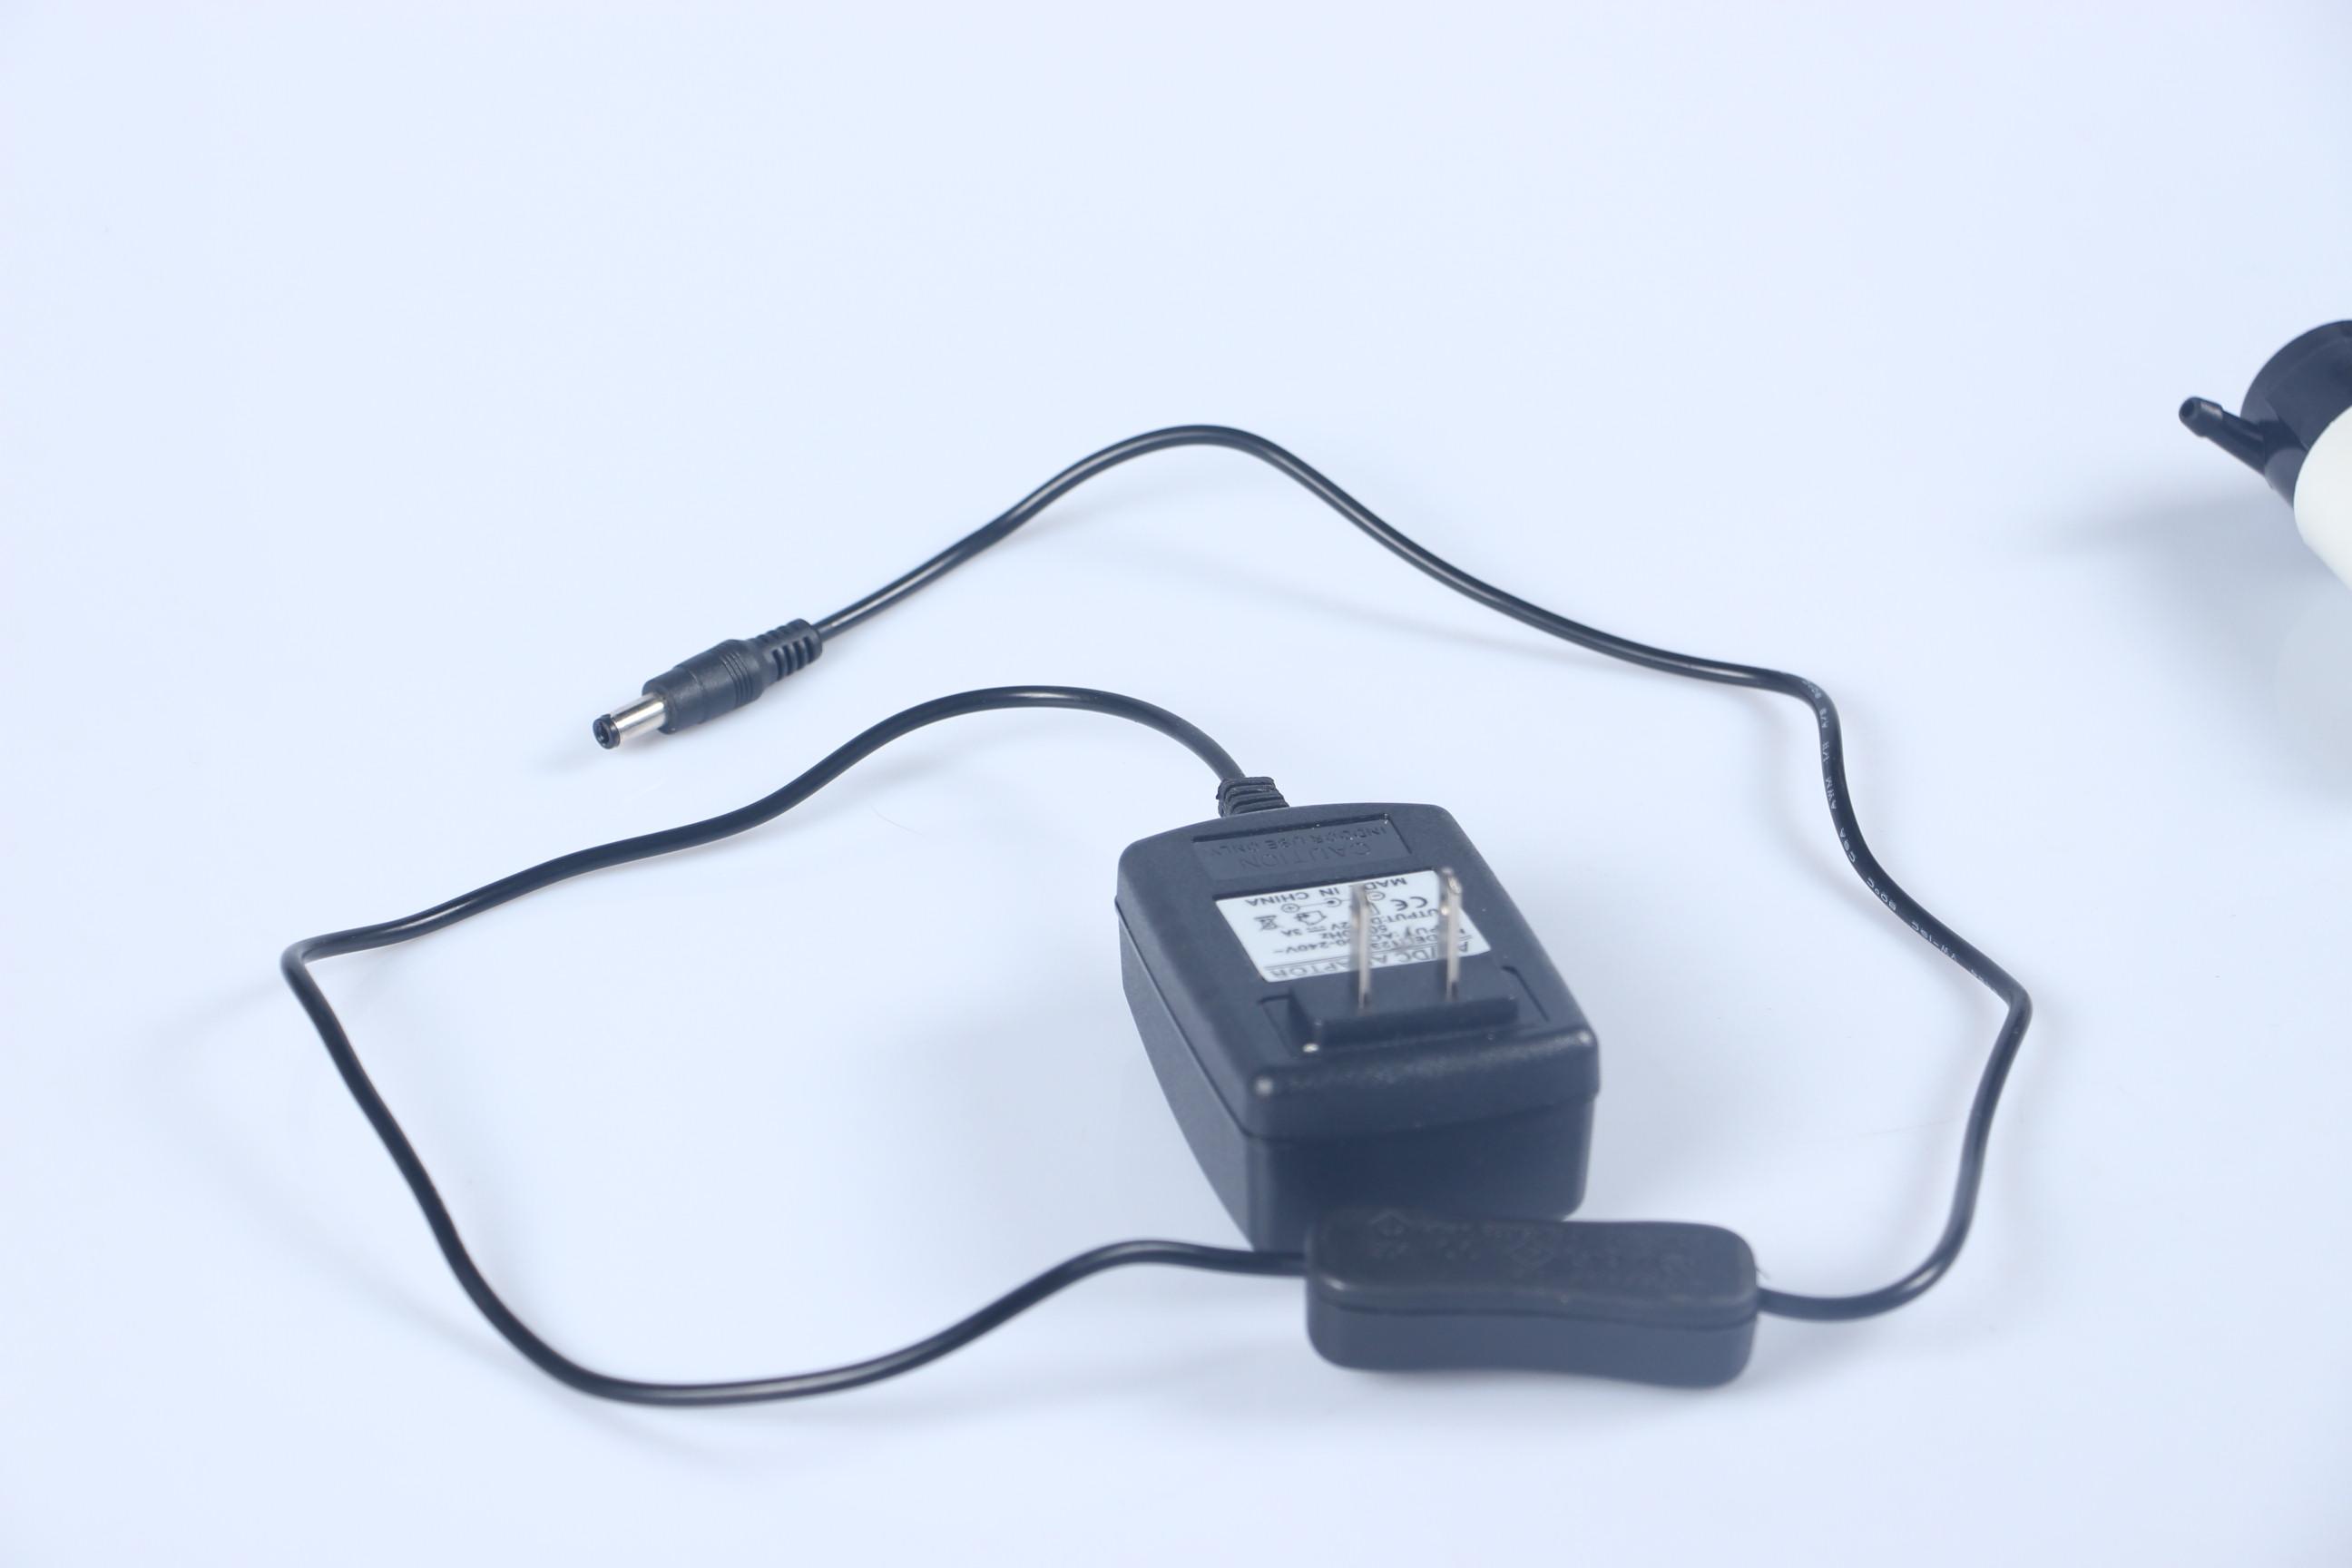 Miniatur durch die automatische Regelung tauchpumpen 12v - rosa - Maschine das Loch offen für spezielle DC - Pumpe